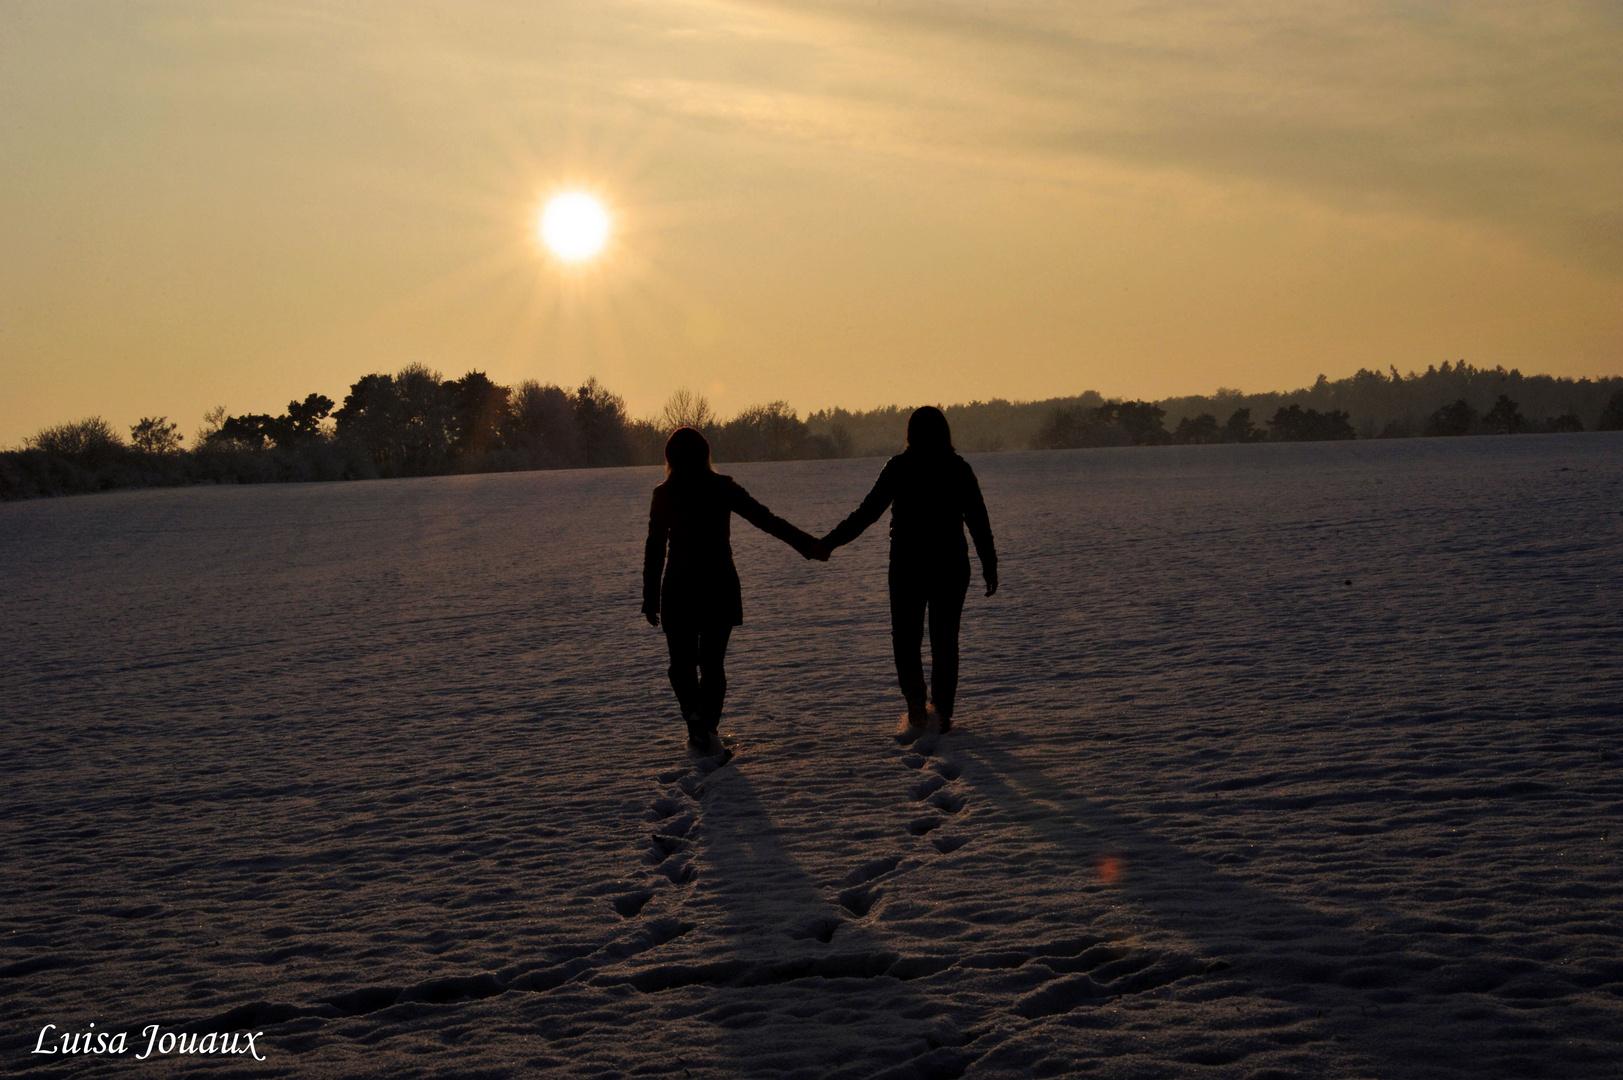 Wir laufen der Sonne entgegen